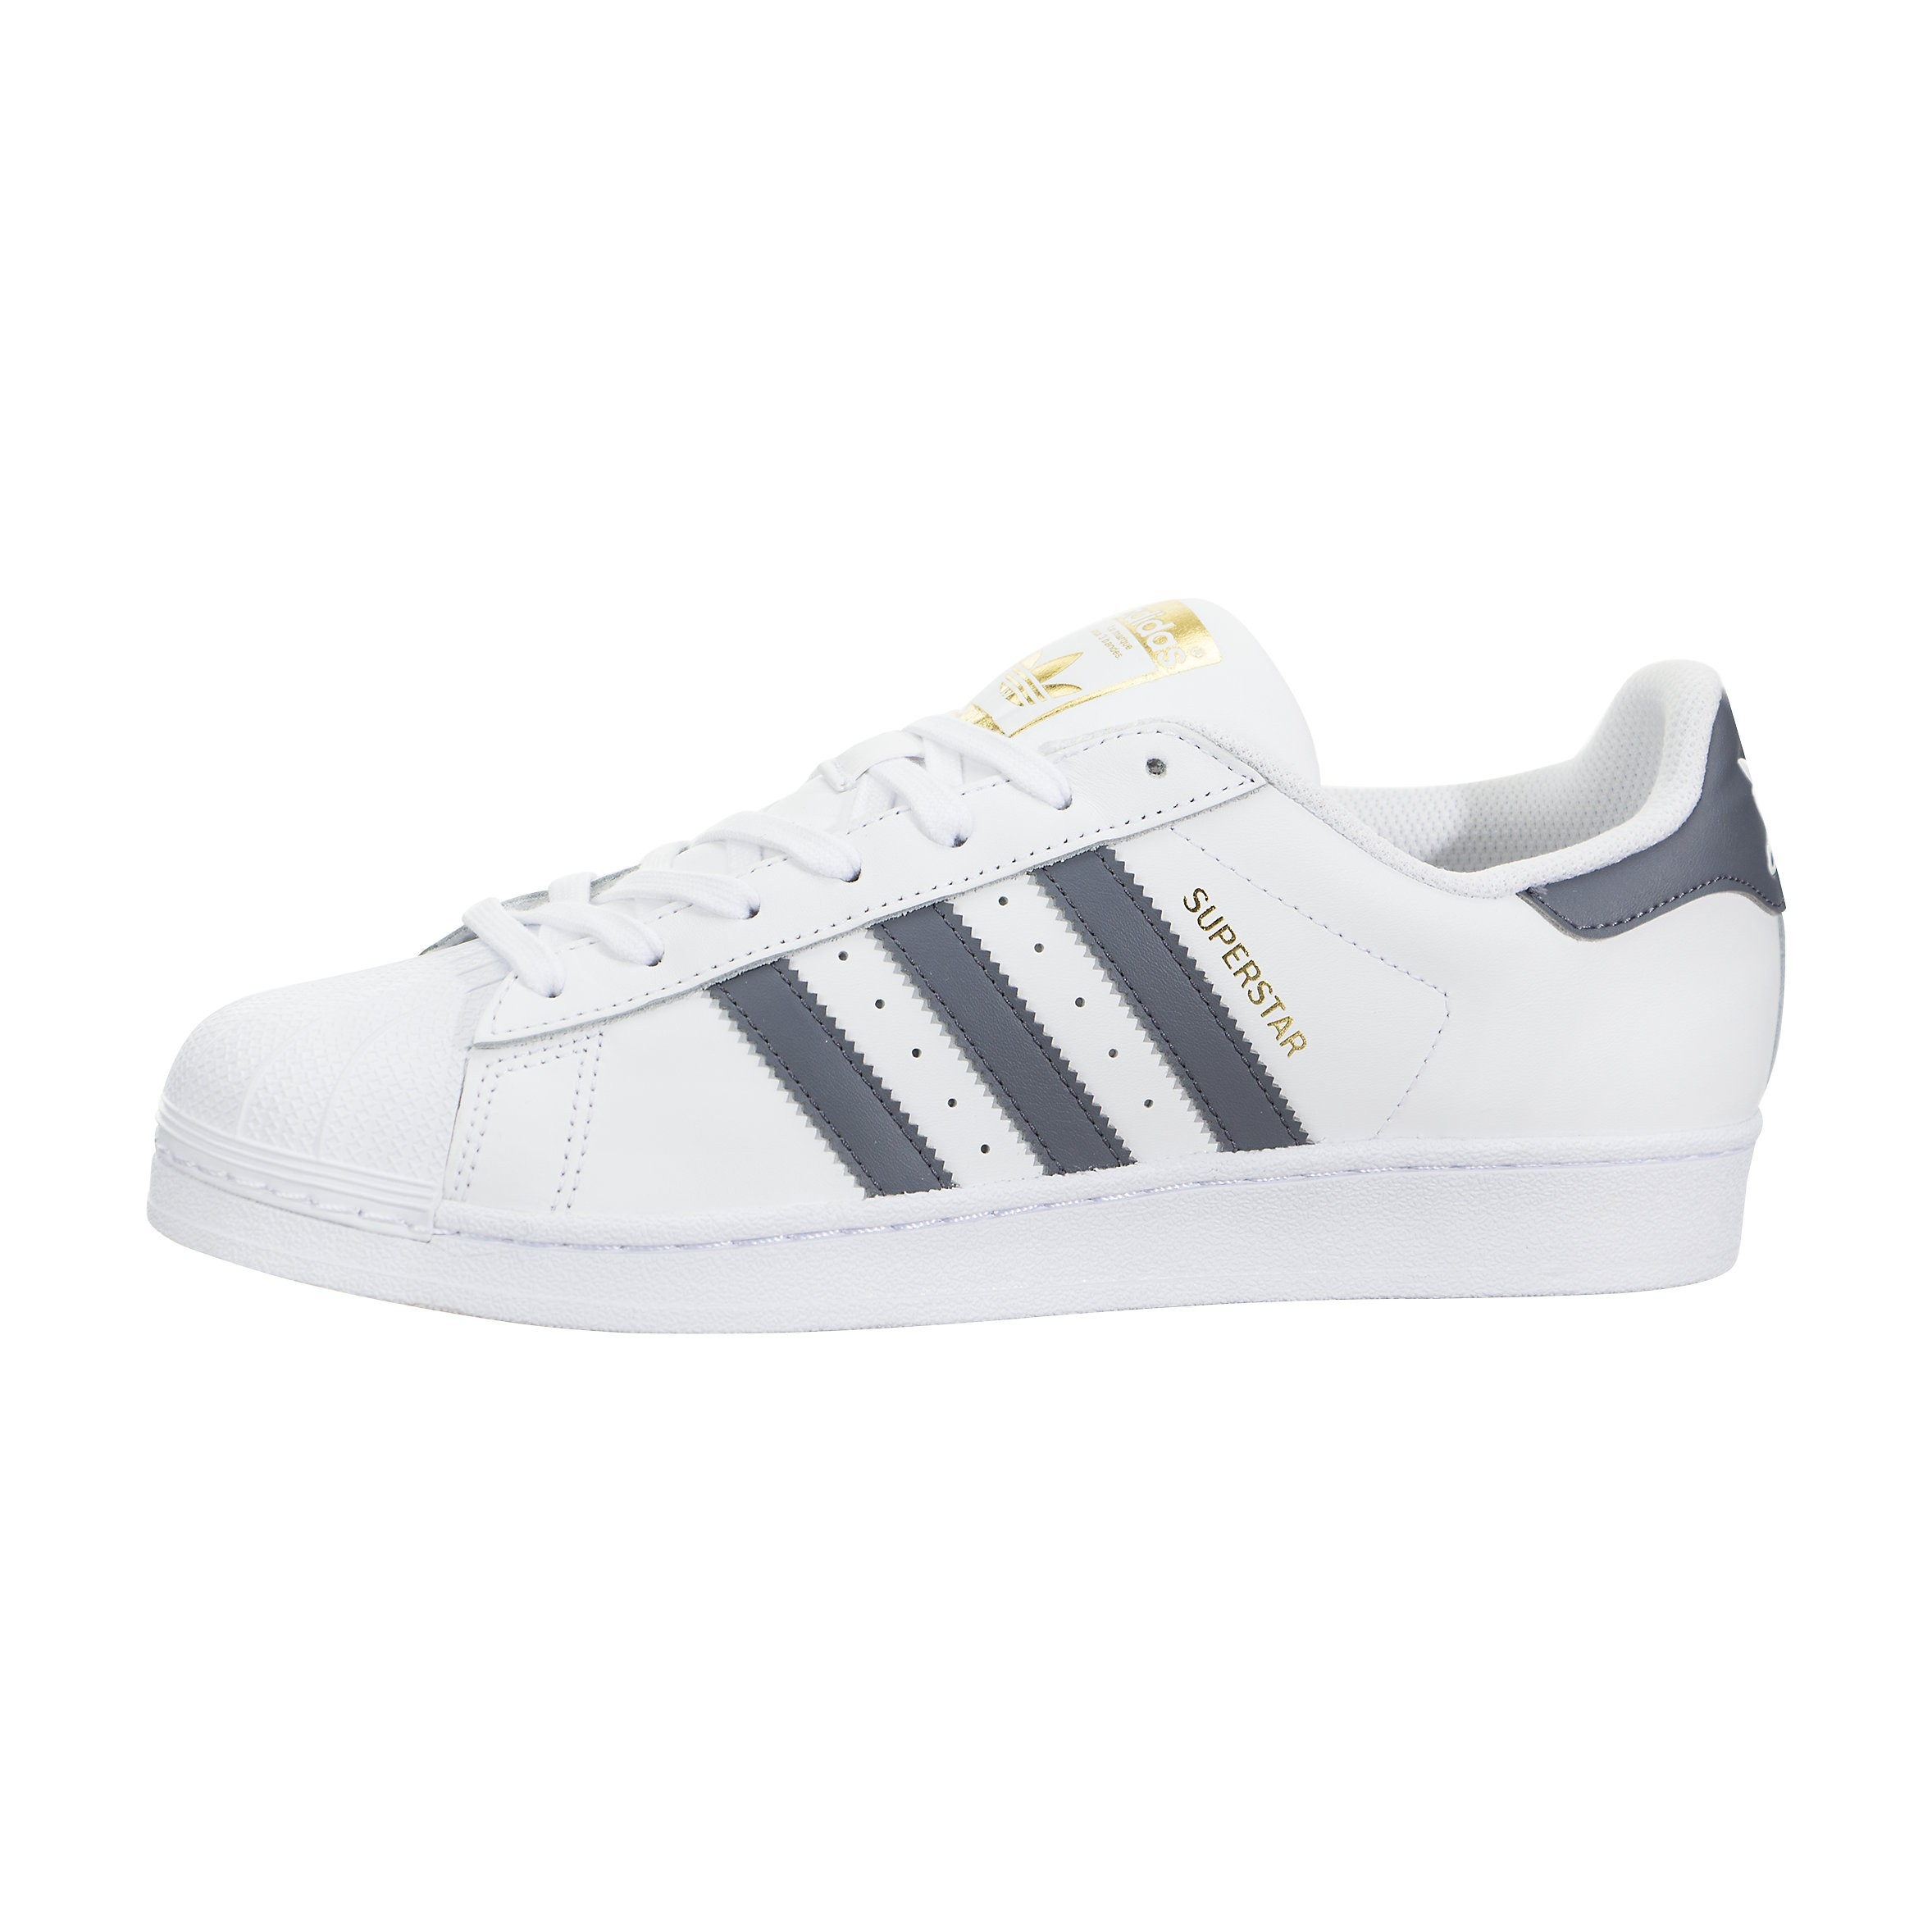 Hombre Adidas Originals Superstar Foundation Blancas/Grises BY3714